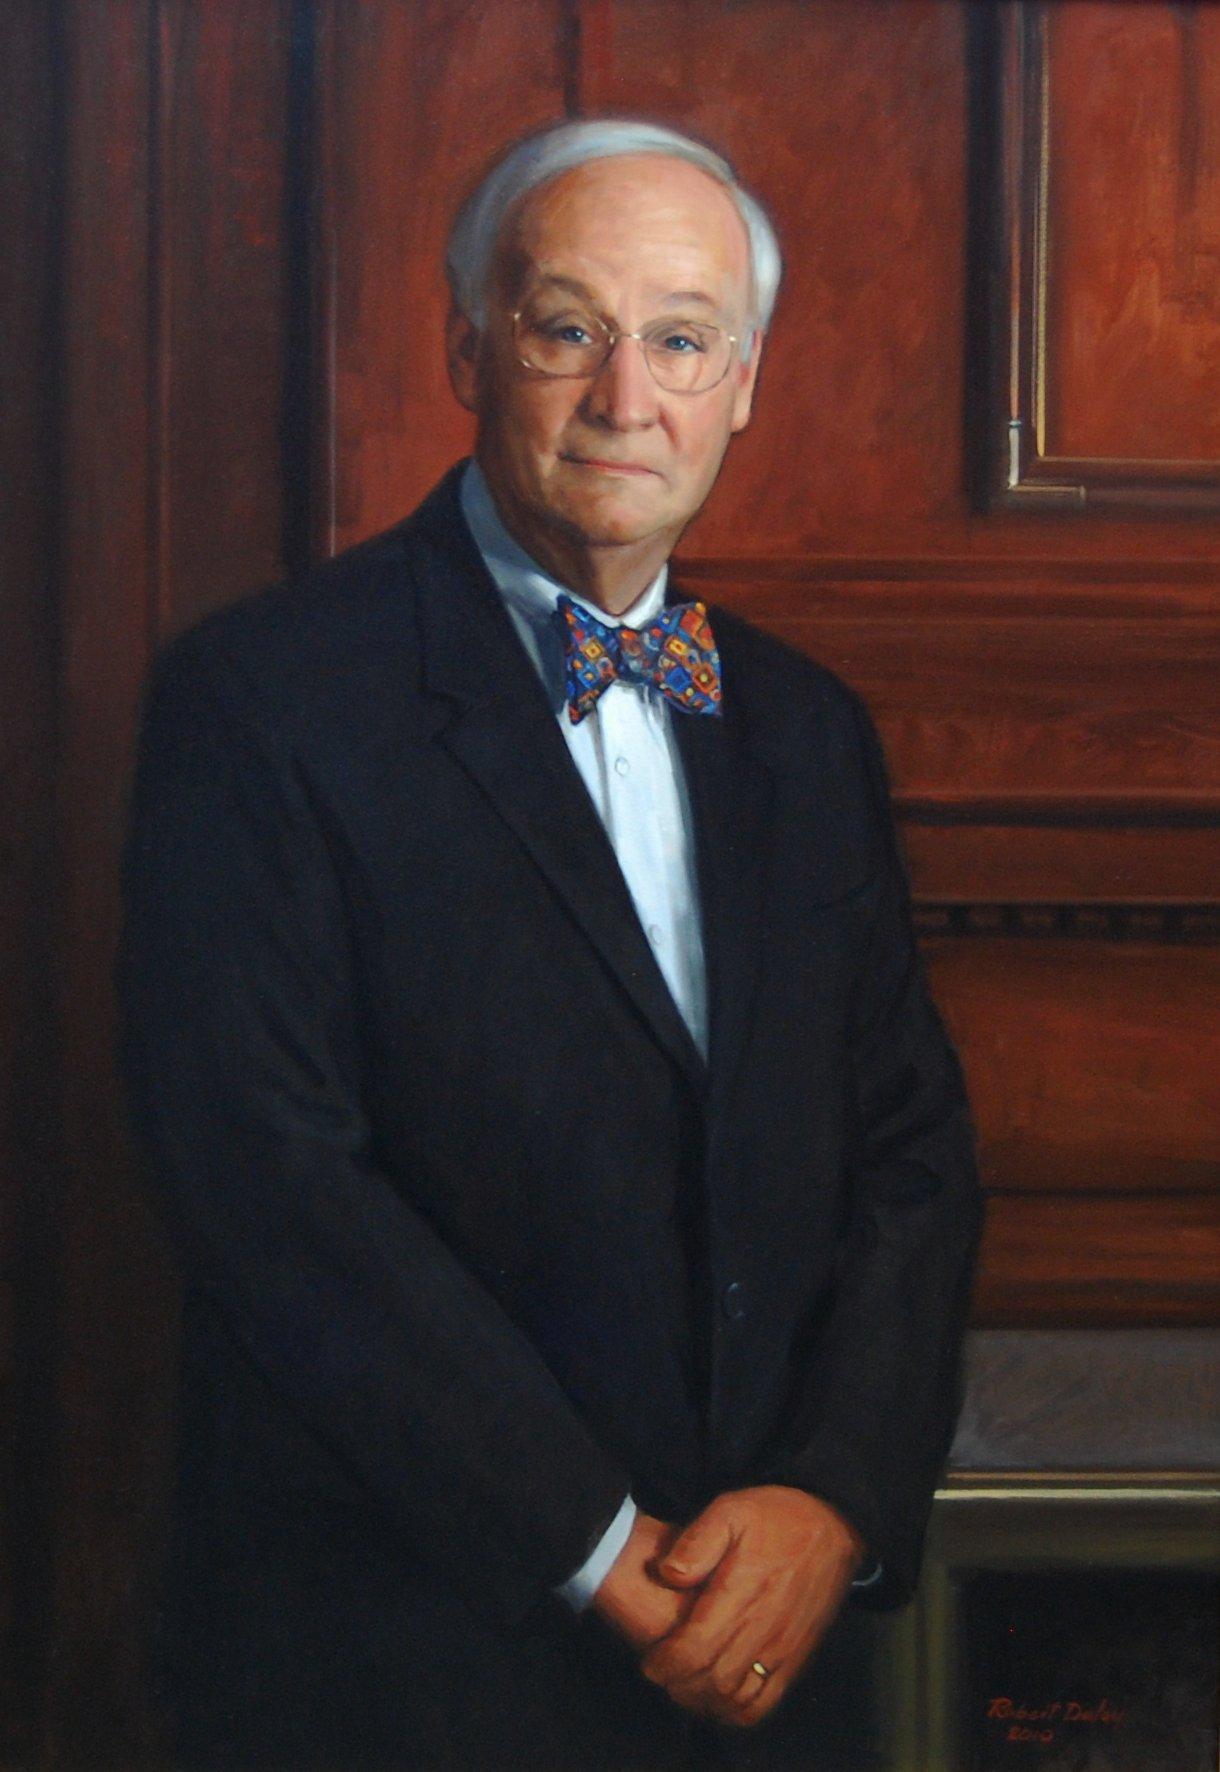 Thomas Southard